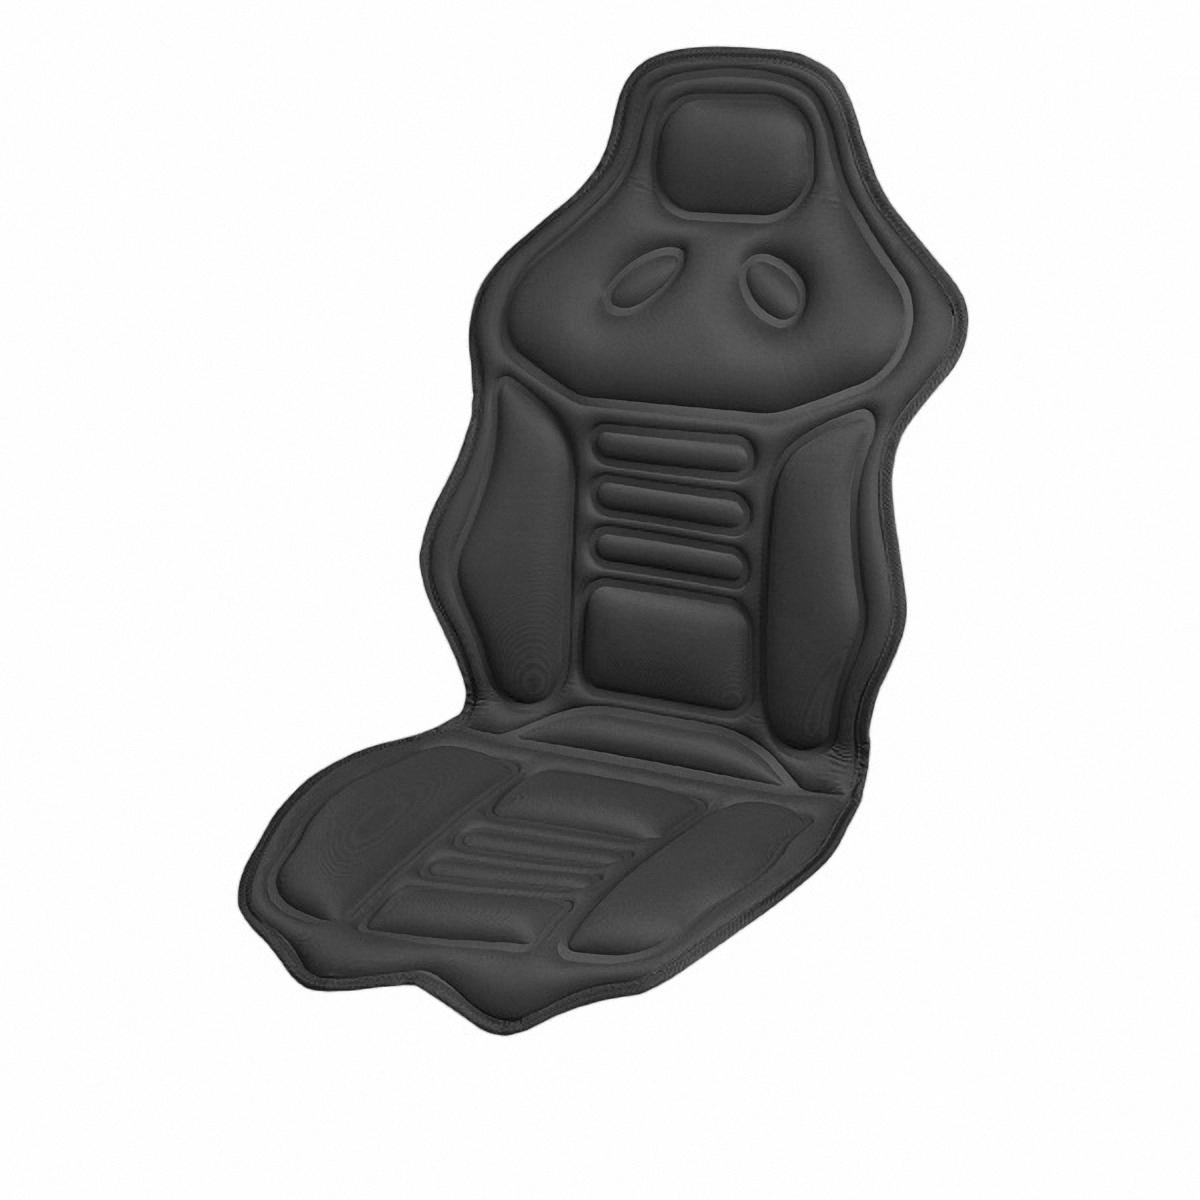 Подогрев для сиденья Skyway, со спинкой. S02201006Ветерок 2ГФПодогрев сиденья со спинкой с терморегулятором (2 режима) 12V; 2,5А-3А. Подогрев сидения – это сезонный товар и большой популярностью пользуется в осенне-зимний период. ТМ SKYWAY предлагает наружные подогревы сидений, изготовленные в виде накидки на автомобильное кресло. Преимущество наружных подогревов в простоте установки. Они крепятся ремнями к креслу автомобиля и подключаются к бортовой сети через гнездо прикуривателя.